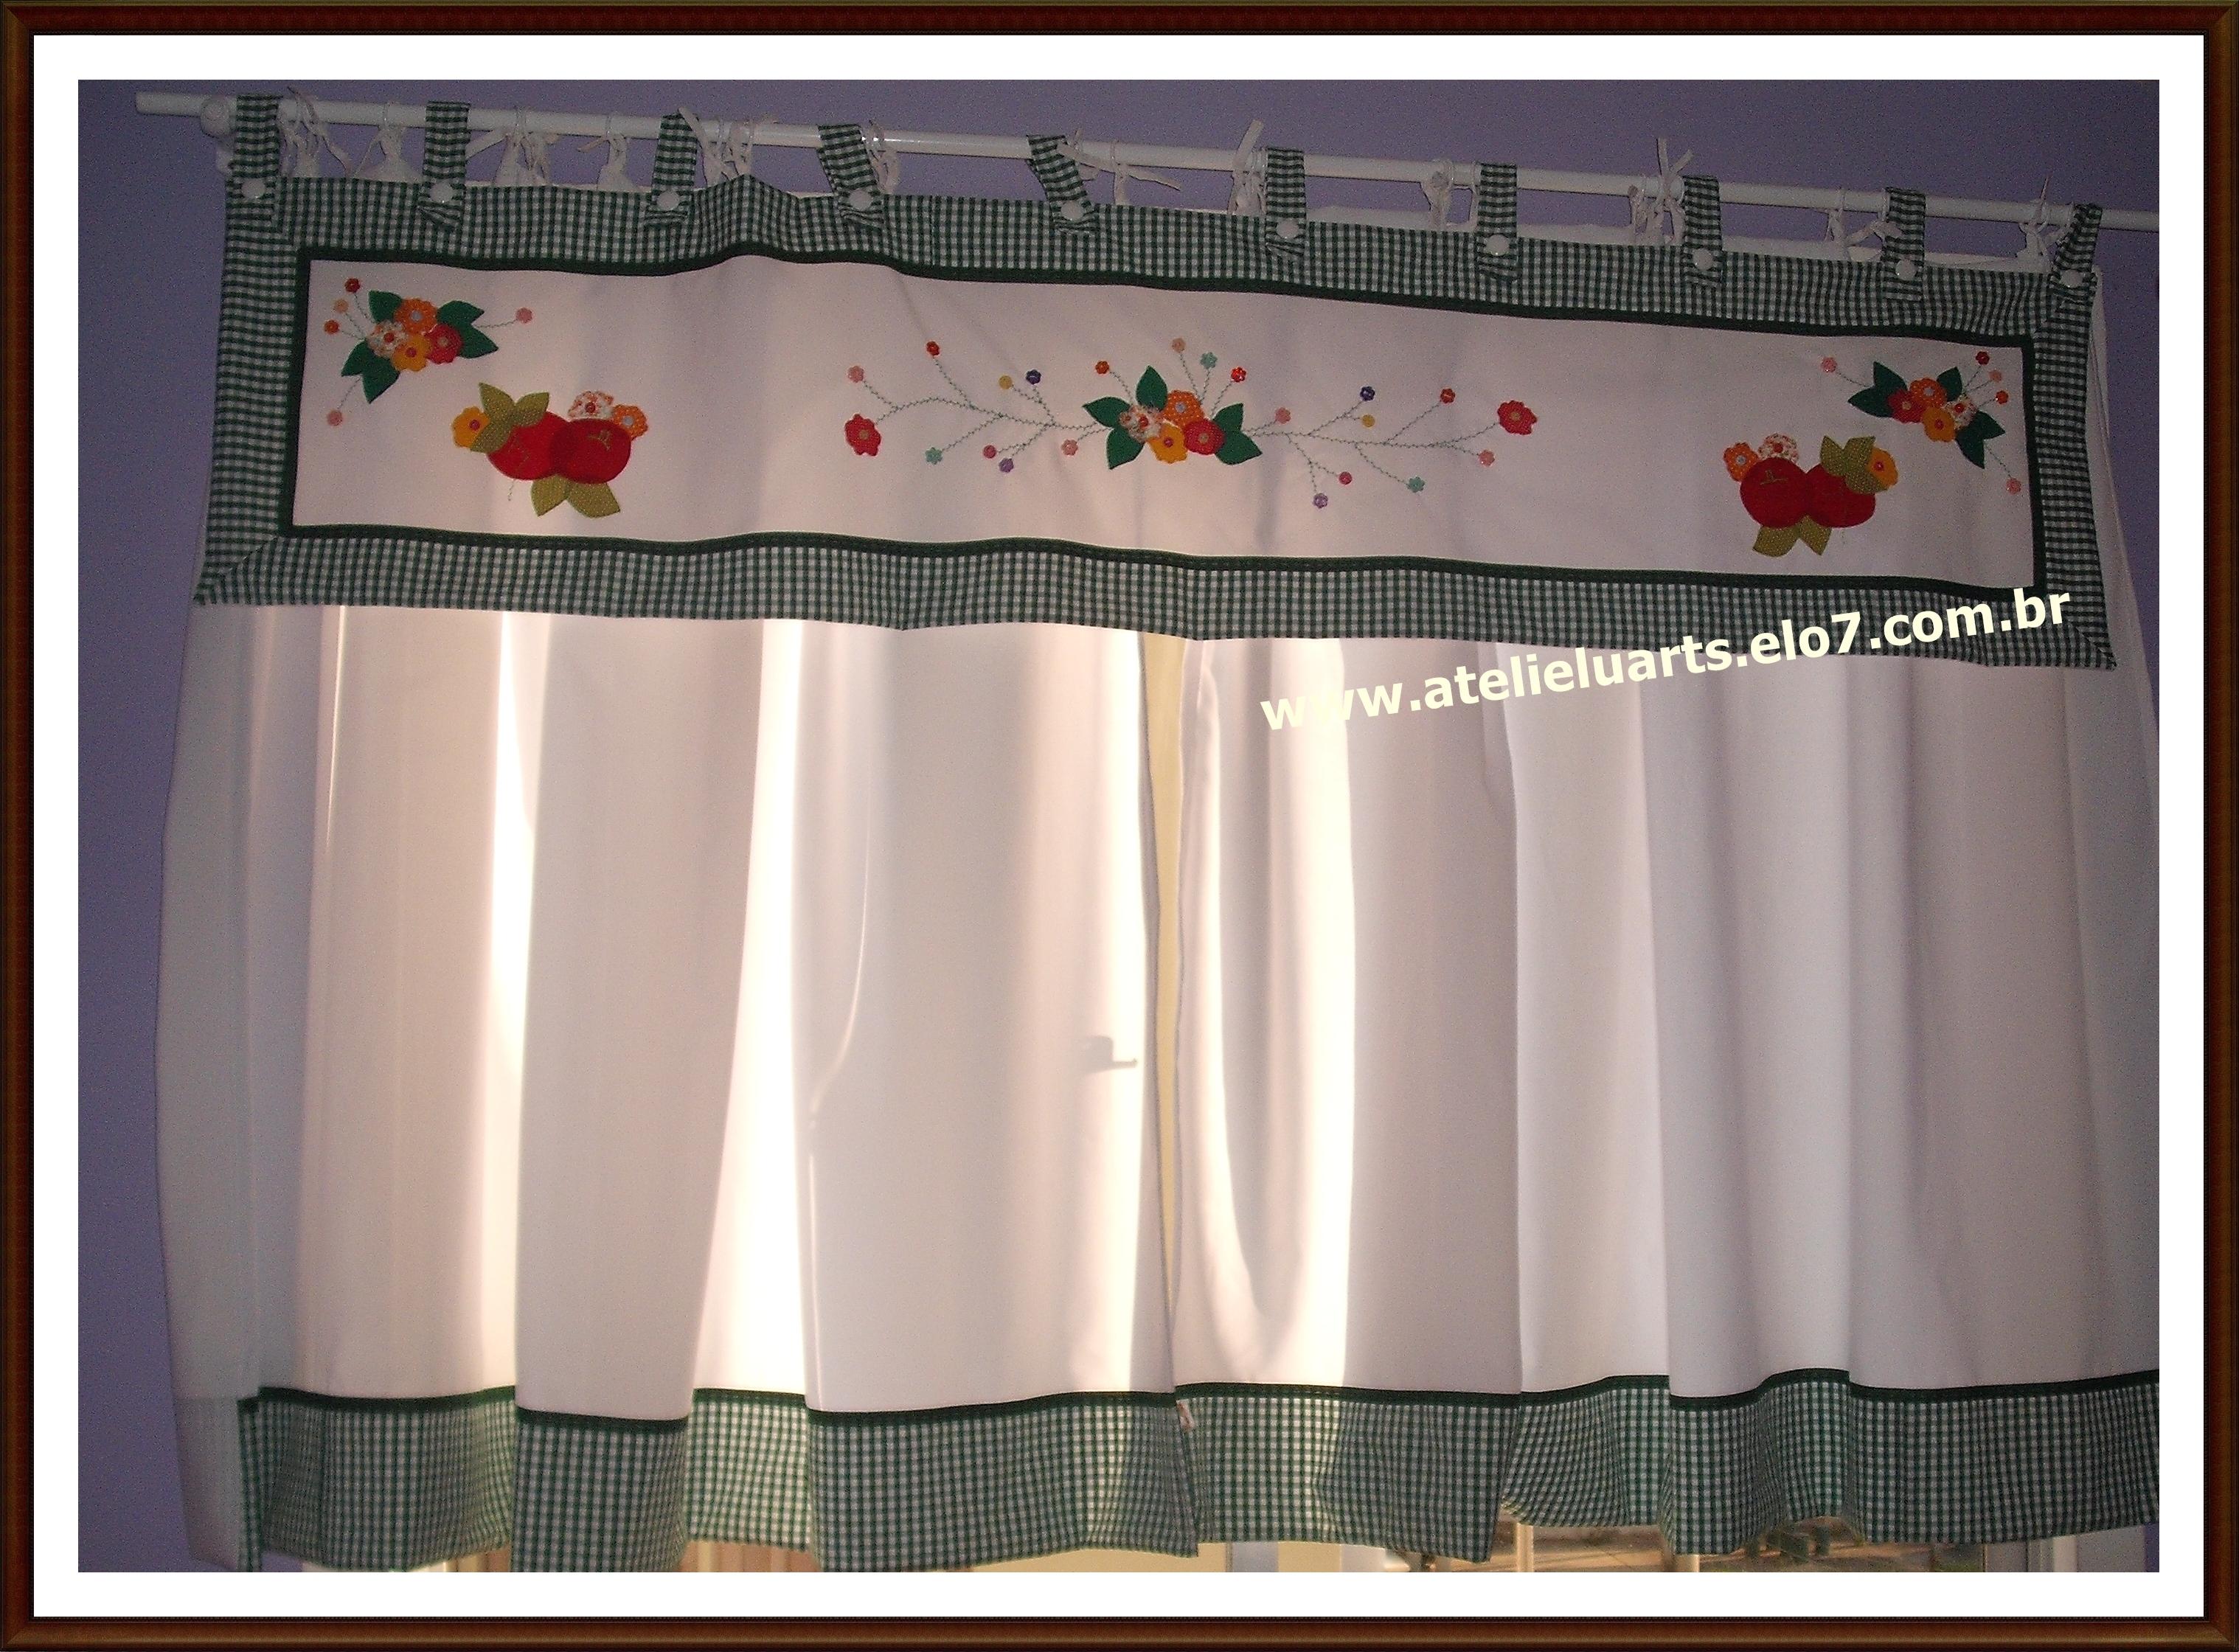 Cortina e band para cozinha ateli luarts elo7 - Apliques para cortinas ...